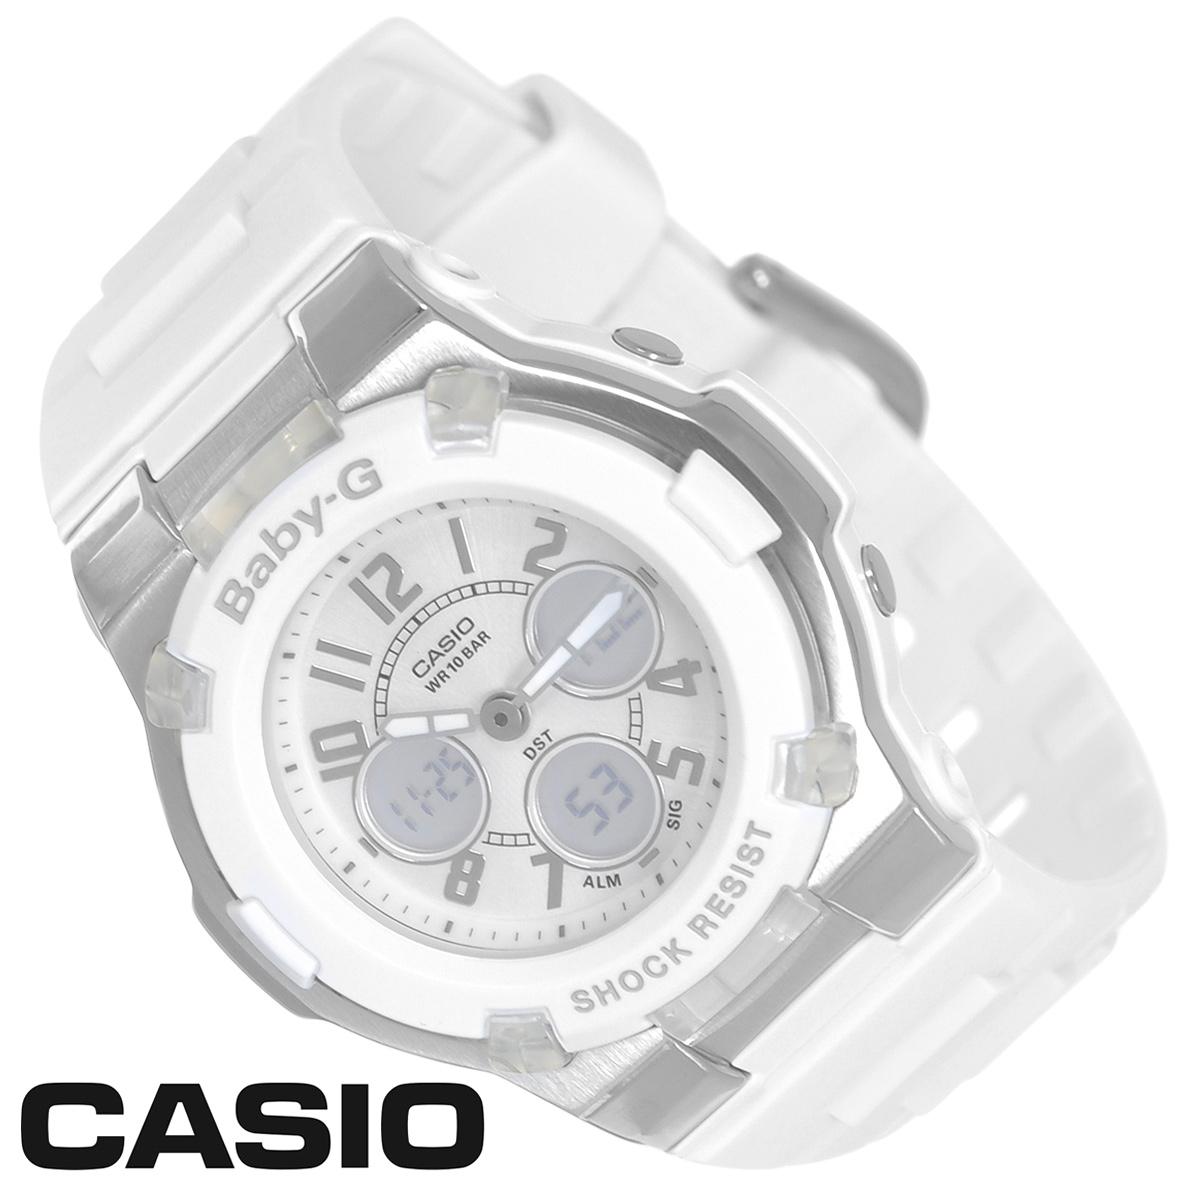 Часы женские наручные Casio Baby-G, цвет: белый, серебристый. BGA-110-7BBGA-110-7BСтильные многофункциональные часы Baby-G от японского брэнда Casio - это яркий функциональный аксессуар для современных людей, которые стремятся выделиться из толпы и подчеркнуть свою индивидуальность. Часы выполнены в спортивном стиле. Часы оснащены японским кварцевым механизмом. Часы имеют ударопрочную конструкцию, защищающую механизм от ударов и вибрации. Циферблат с безельными протекторами оснащен двумя стрелками и подсвечивается светодиодом. Ремешок из мягкого пластика застегивается на классическую застежку. Основные функции: - 5 будильников, один с функцией повтора сигнала (чтобы отложить пробуждение), ежечасный сигнал; - сплит-хронограф; - автоматический календарь (число, месяц, день недели, год); - секундомер с точностью показаний 1/100 с, время измерения 60 мин; - 12-ти и 24-х часовой формат времени; - таймер обратного отсчета от 1 мин до 24 ч с автоповтором; - функция включения/отключения звука; - мировое время. ...